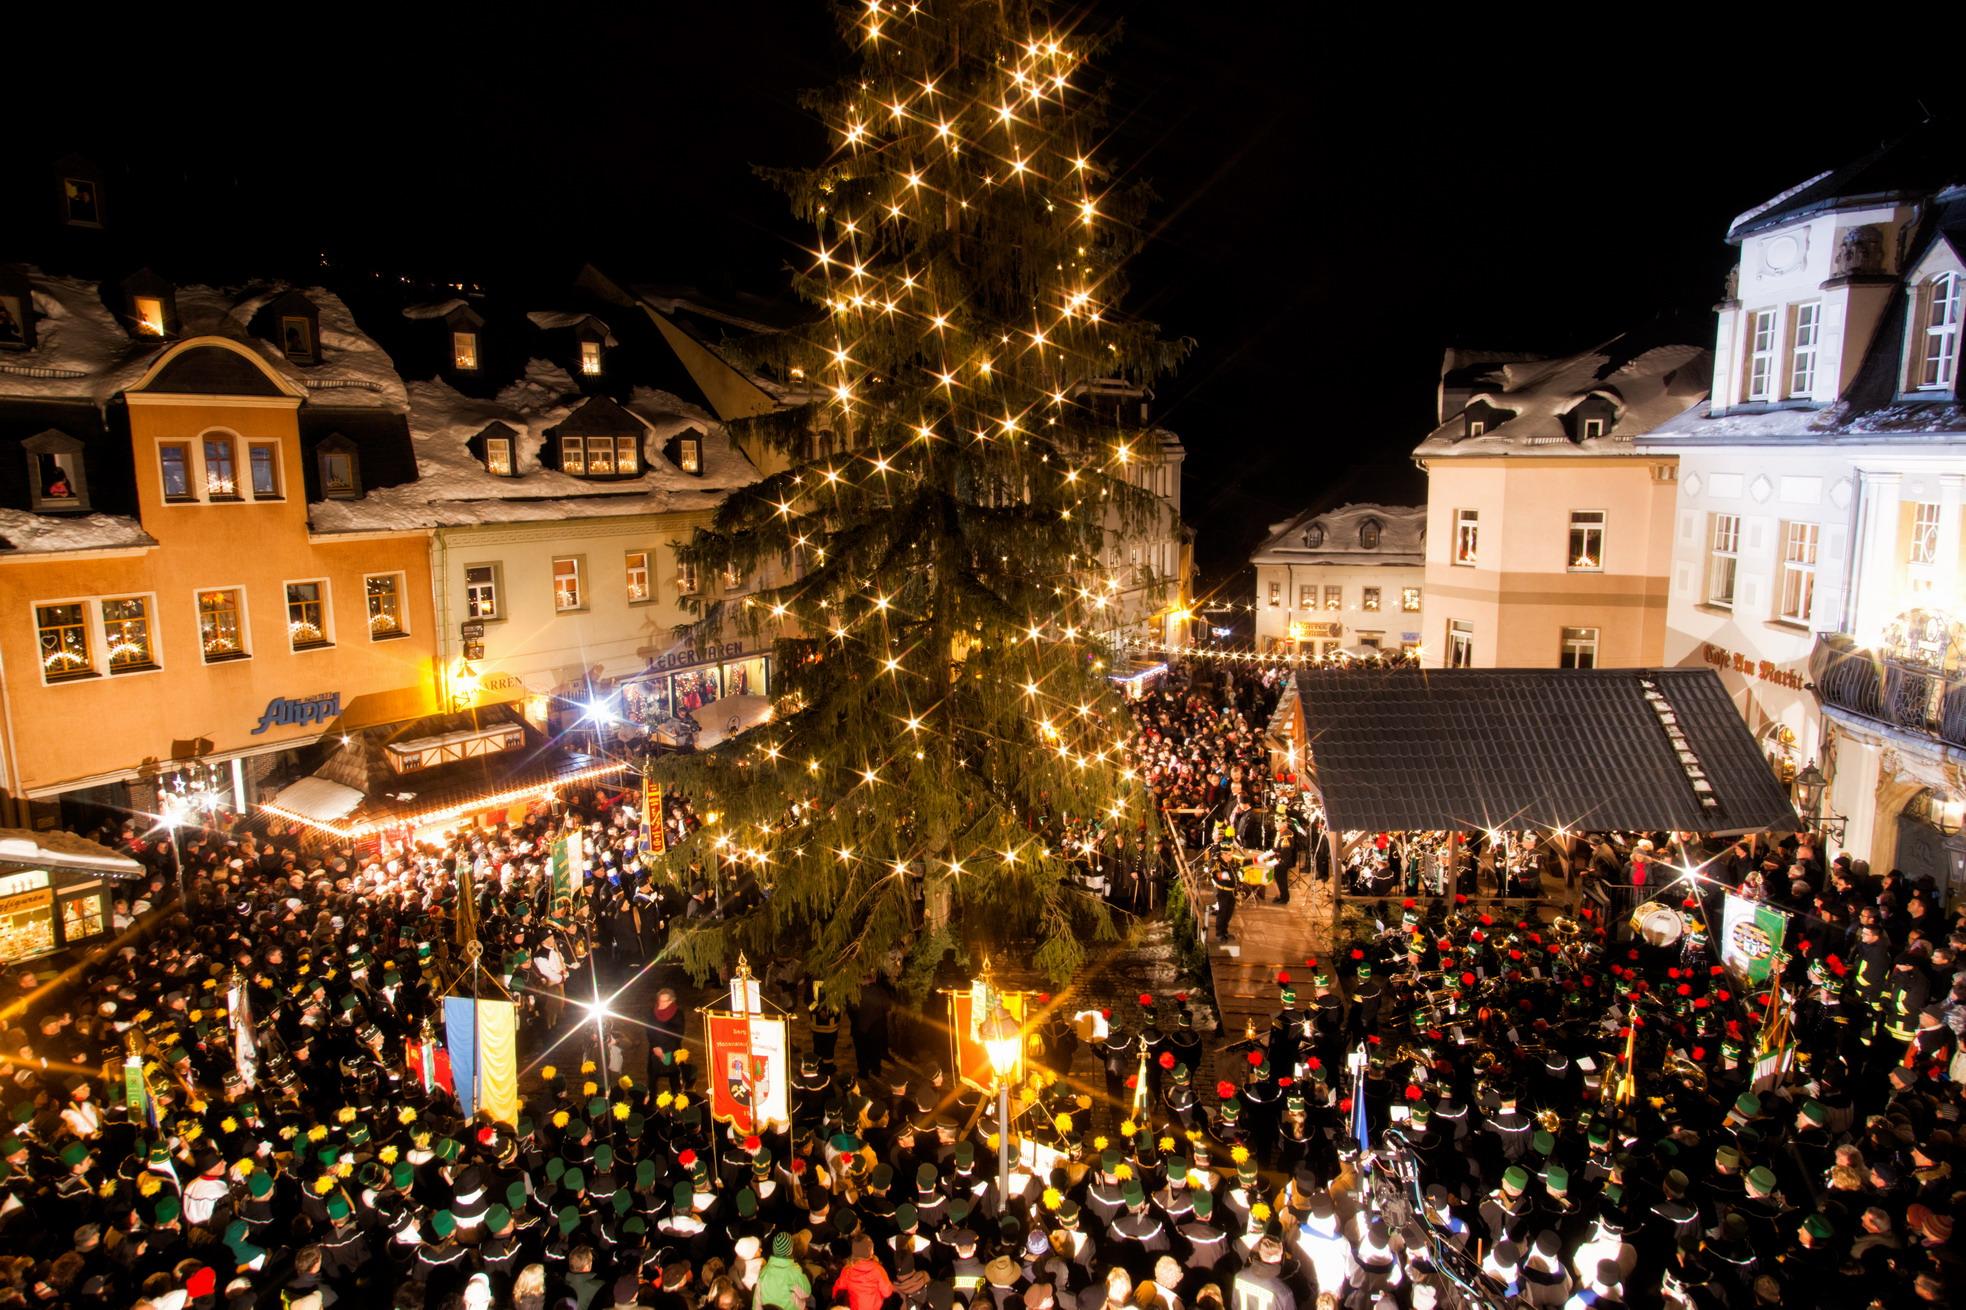 Weihnachtsmarkt Schwarzenberg.Staunen Vorschau Und Rückblick Schwarzenberg Einfach Sagenhaft